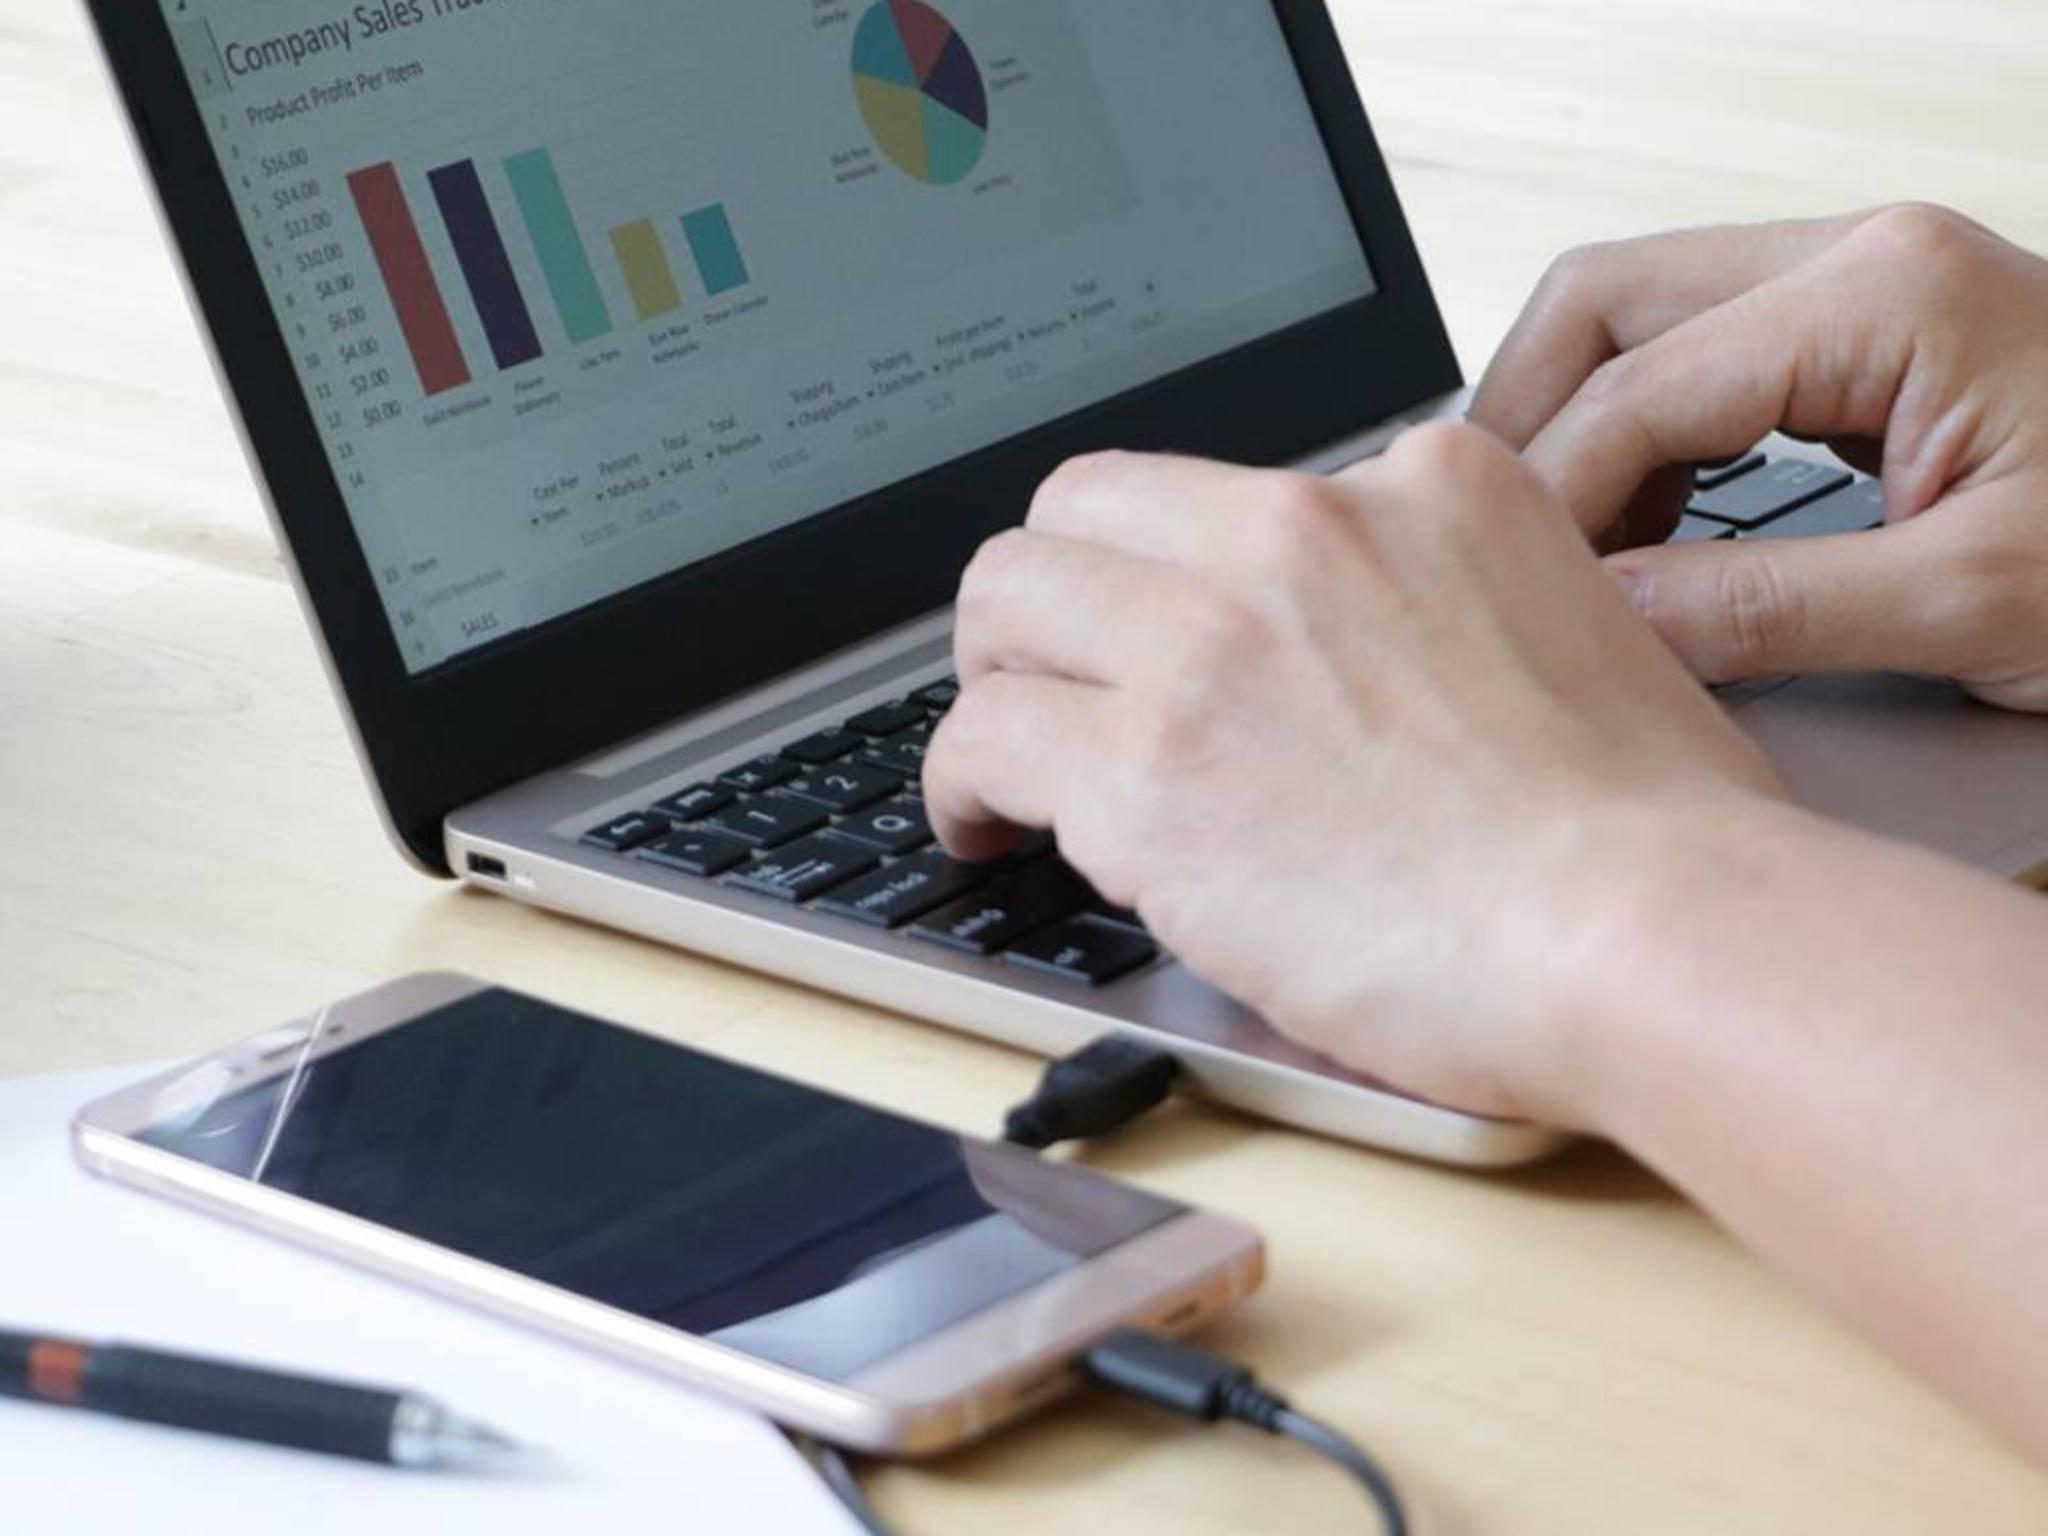 Das Superbook verwandelt das Android-Smartphone in einen Laptop.